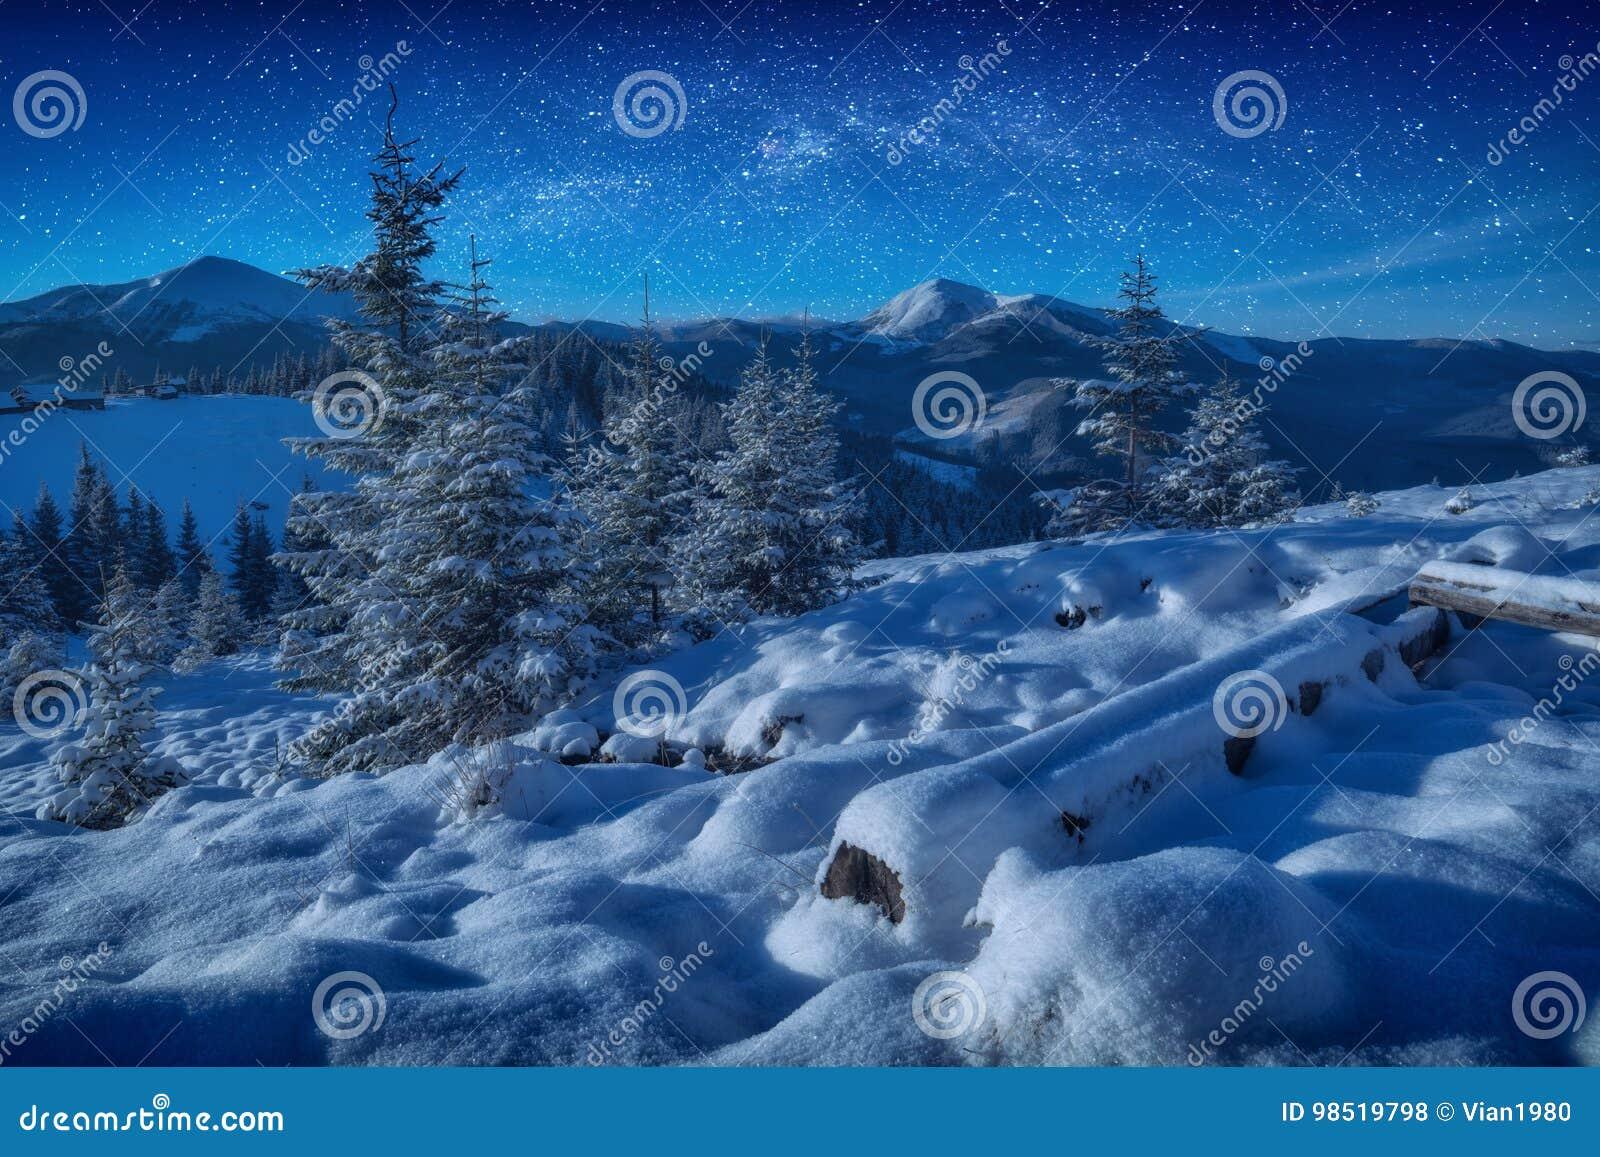 Via Lattea fantastica in un cielo stellato sopra le montagne